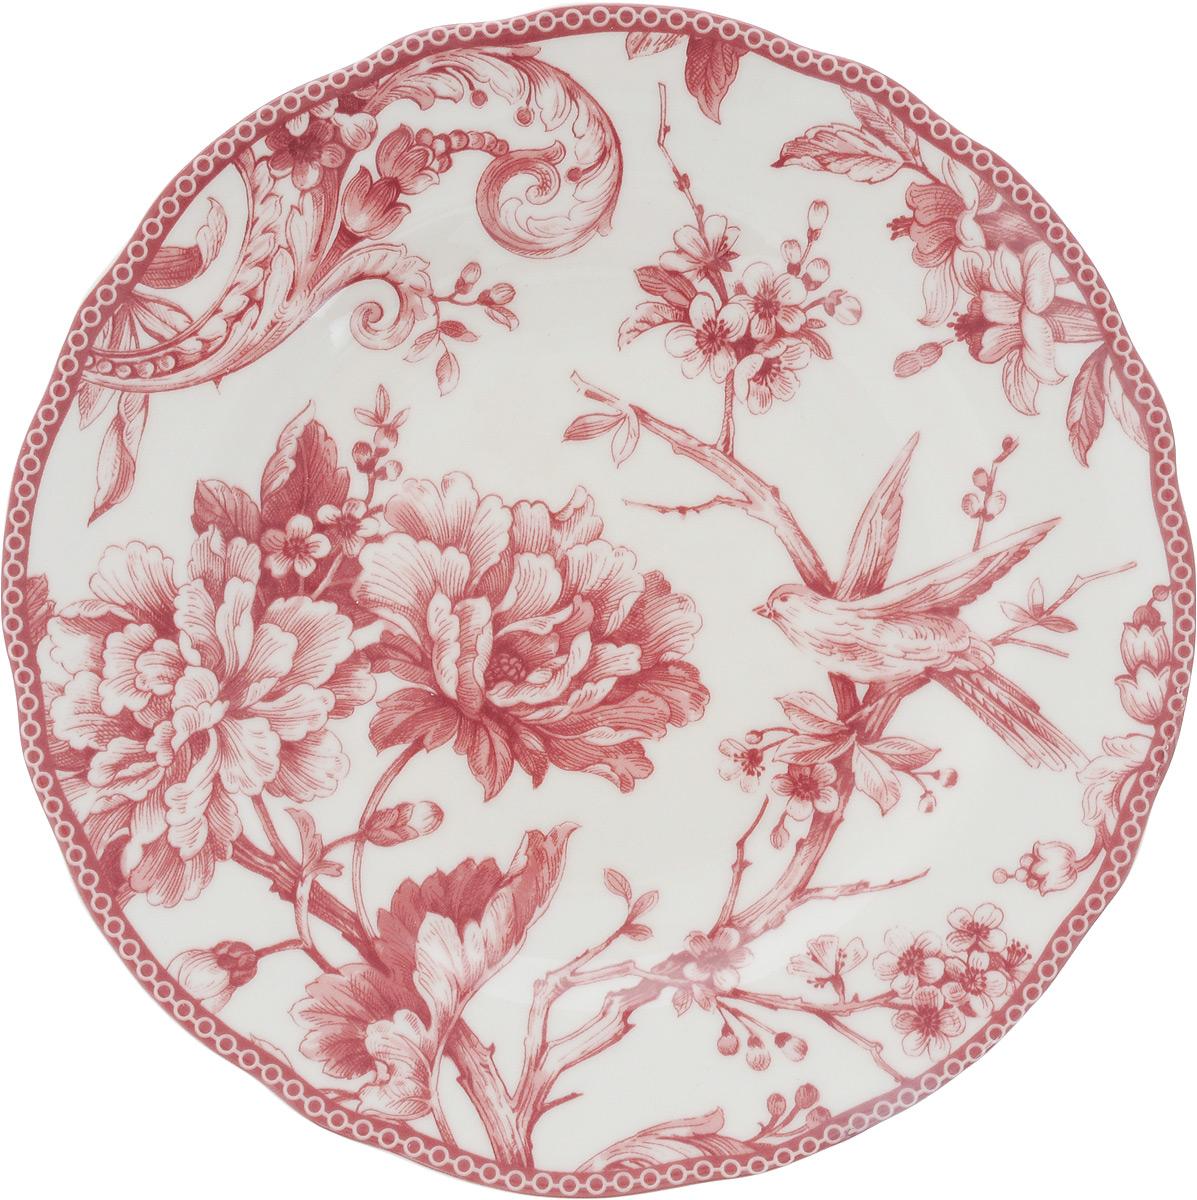 Тарелка десертная Sango Ceramics Аделаида Бордо, диаметр 22 смUTAB97810Десертная тарелка Sango Ceramics Аделаида Бордо, изготовленная из высококачественной керамики, имеет изысканный внешний вид. Такая тарелка прекрасно подходит как для торжественных случаев, так и для повседневного использования. Идеальна для подачи десертов, пирожных, тортов и многого другого. Она прекрасно оформит стол и станет отличным дополнением к вашей коллекции кухонной посуды. Можно использовать в посудомоечной машине и СВЧ. Диаметр тарелки: 22 см. Высота тарелки: 3 см.